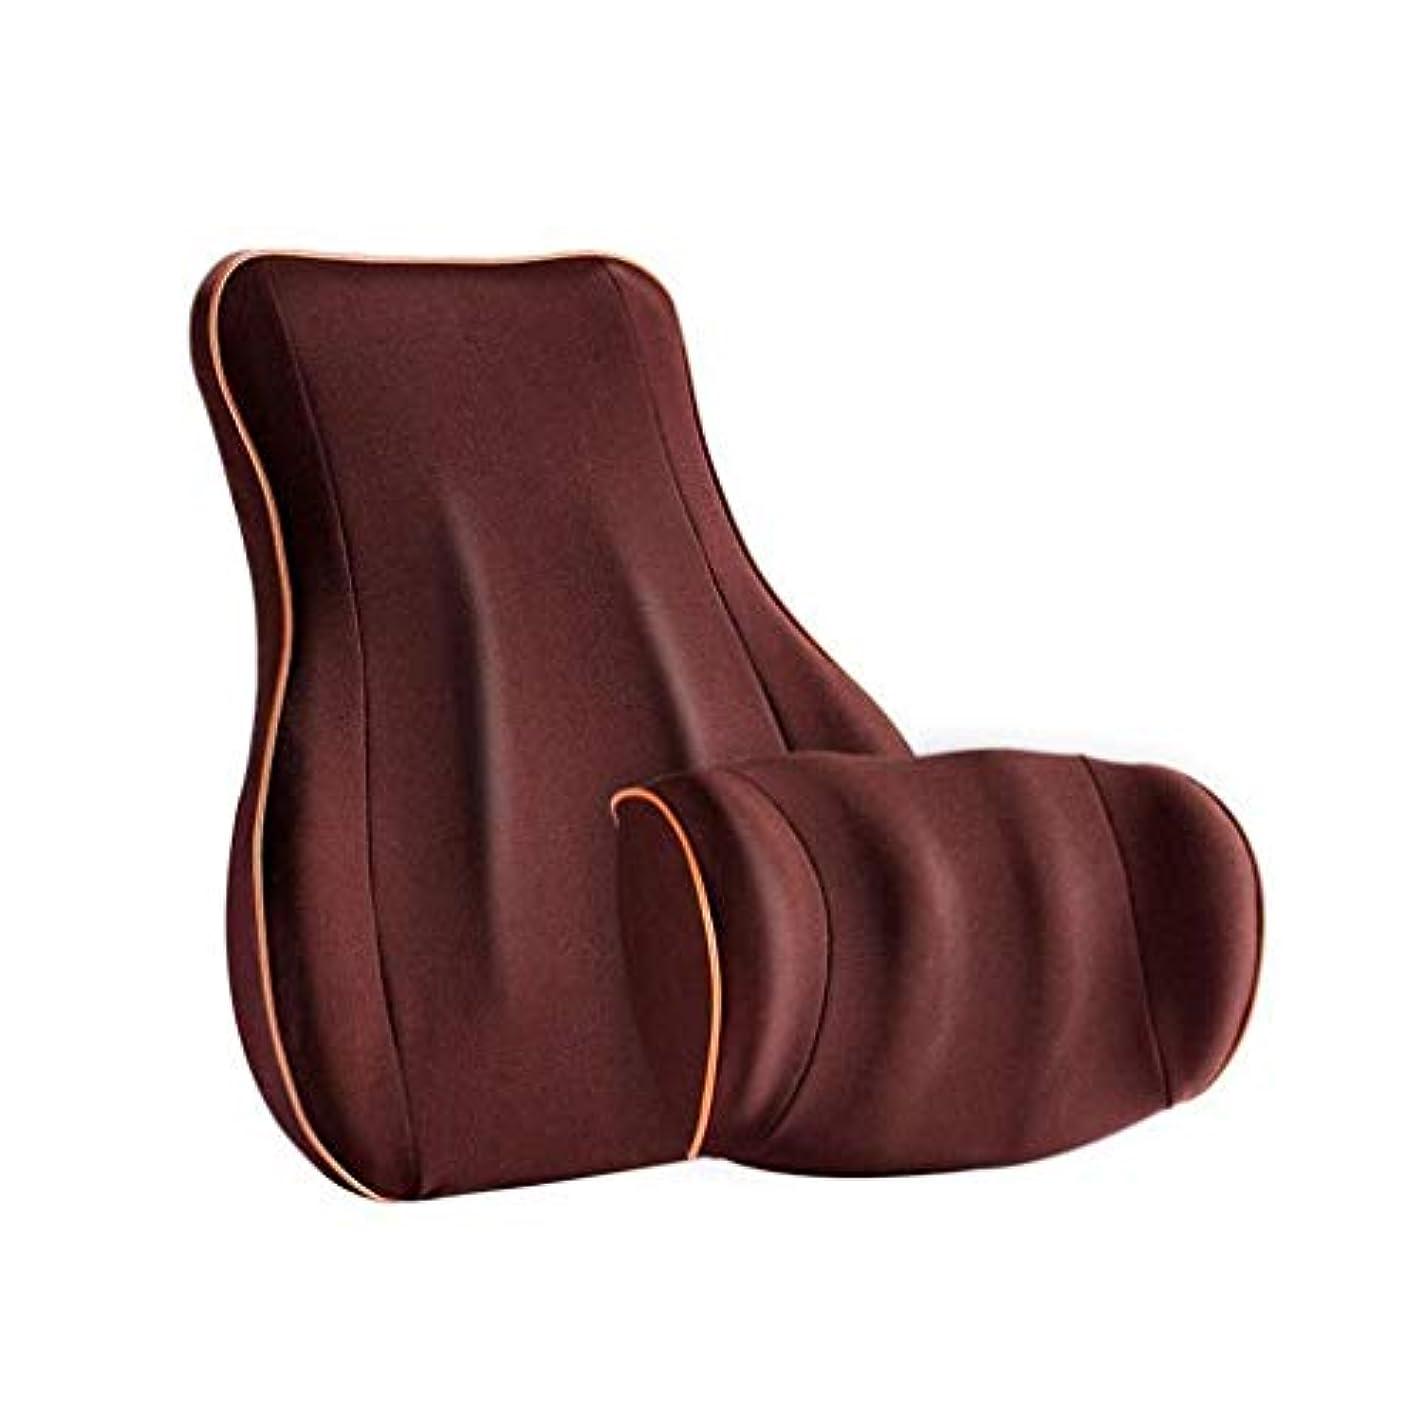 威するマイクロ試用腰椎枕と首の枕、腰椎サポート枕低反発コットン、人間工学に基づいた低反発フォームのデザイン、腰と首の疲れや痛みを軽減?防止する、長距離運転オフィスに最適 (Color : Brown)